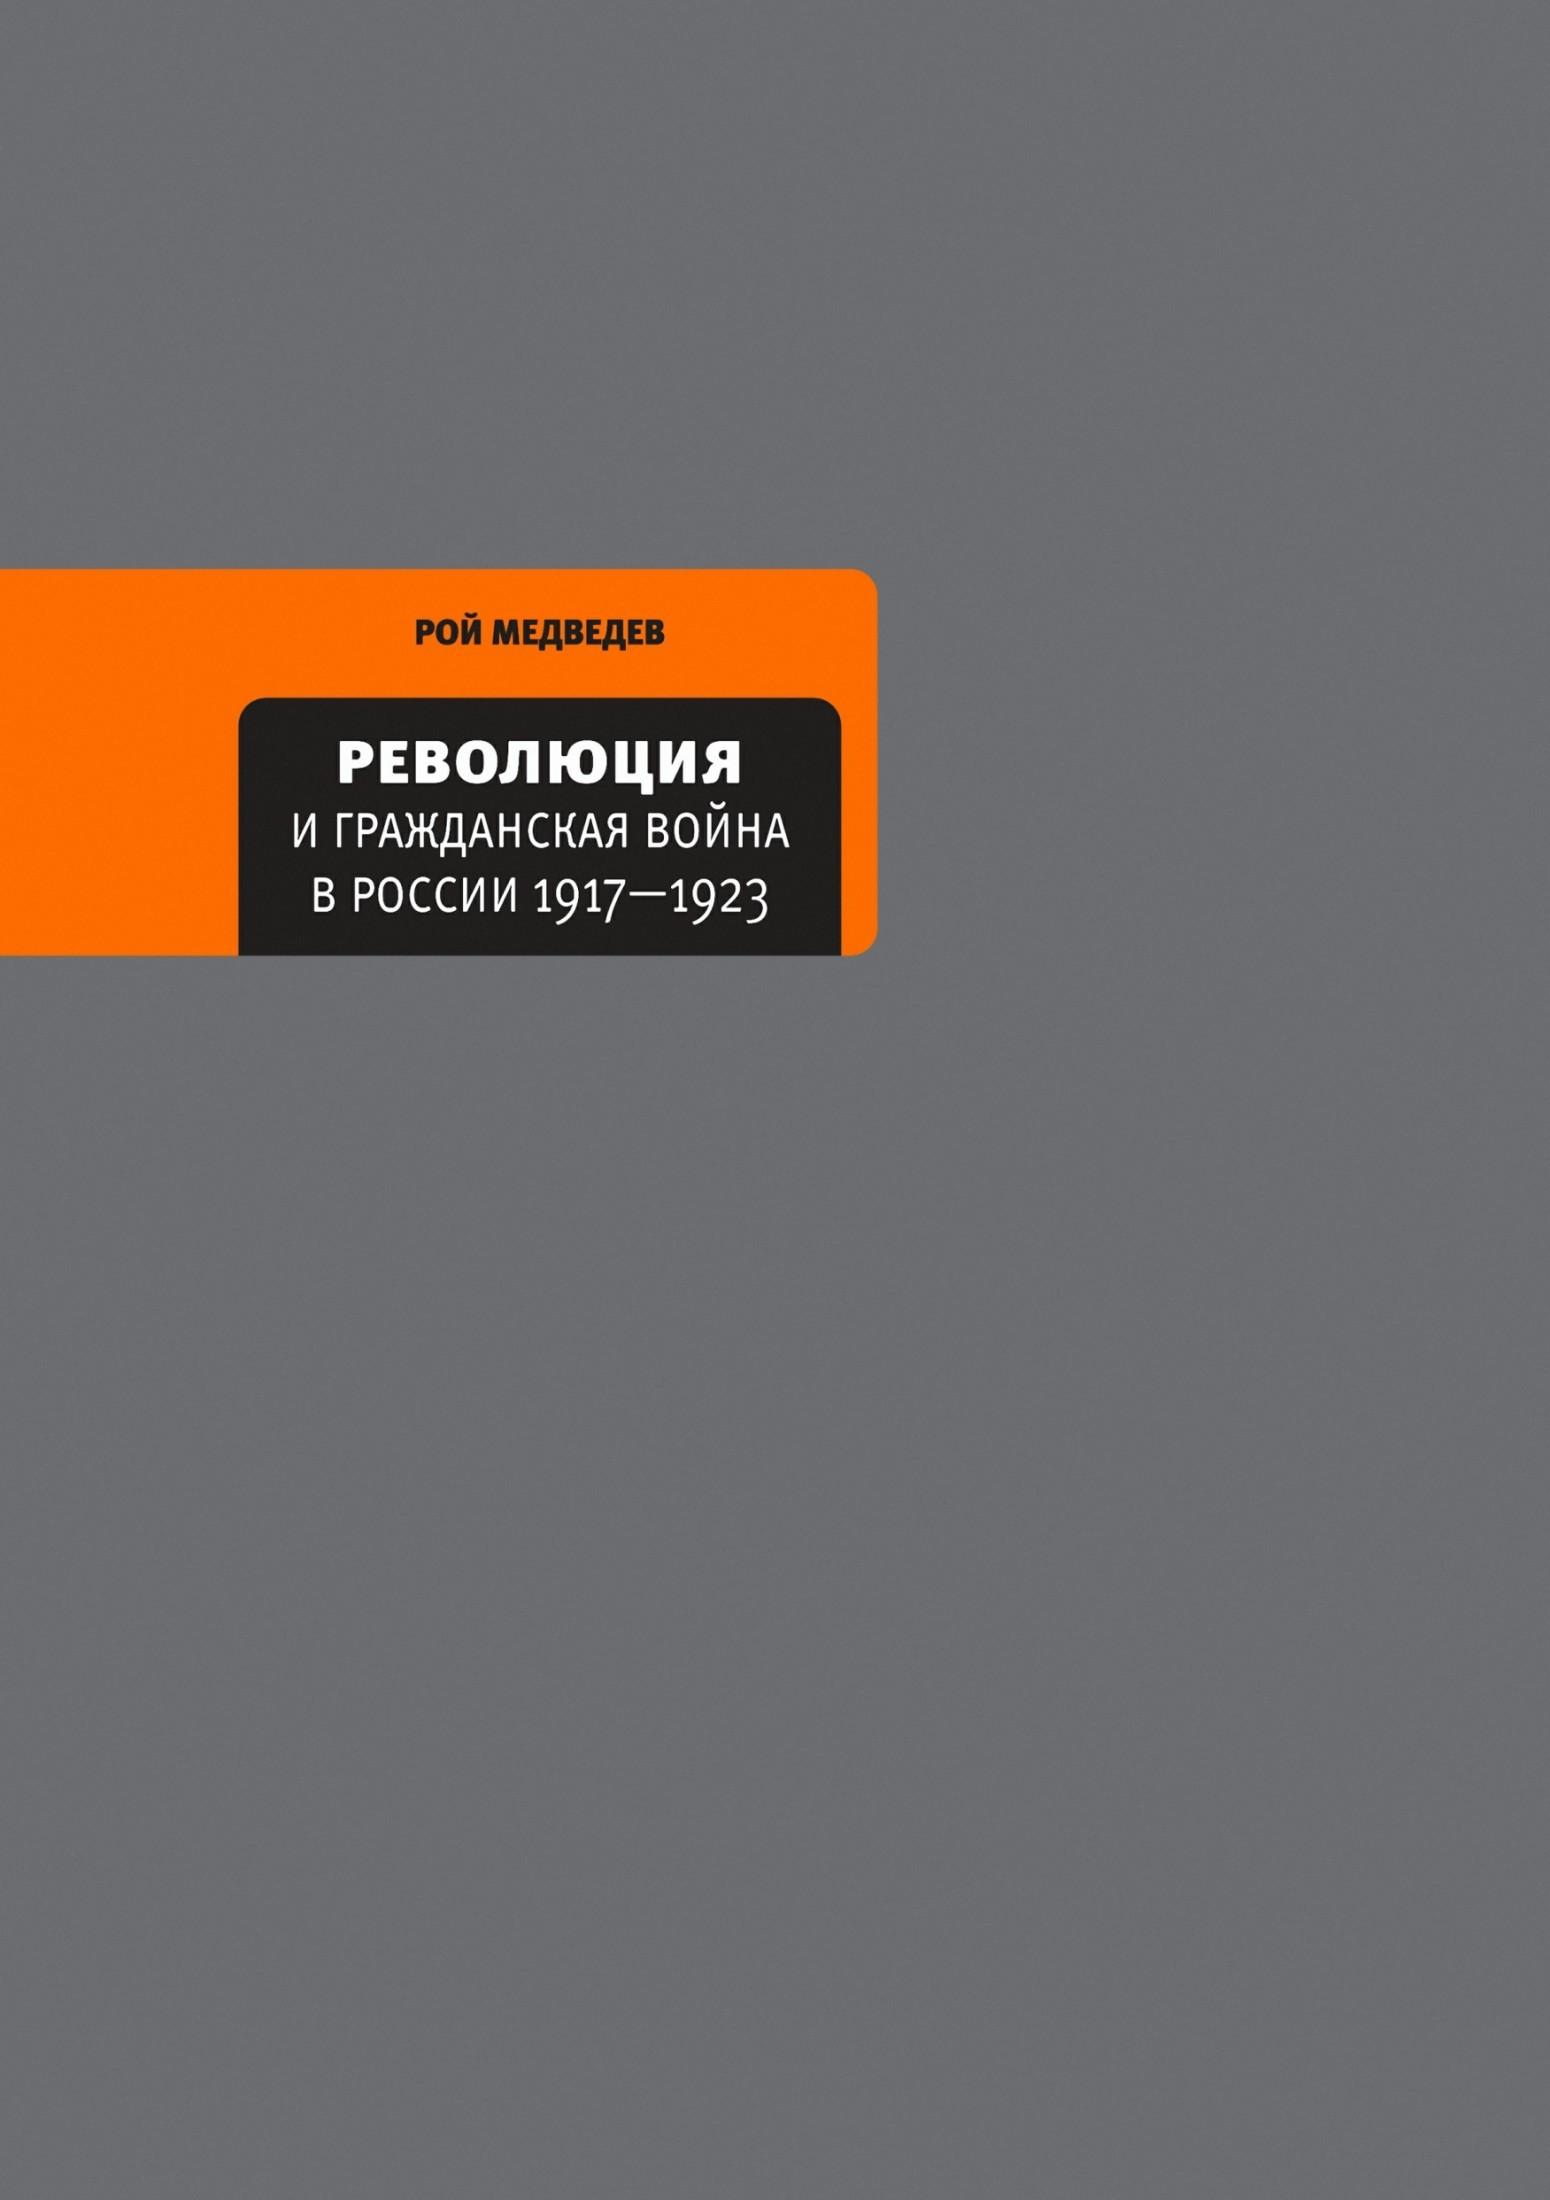 Рой Александрович Медведев Революция и Гражданская война в России 1917—1922 игорь симбирцев вчк в ленинской россии 1917–1922 в зареве революции